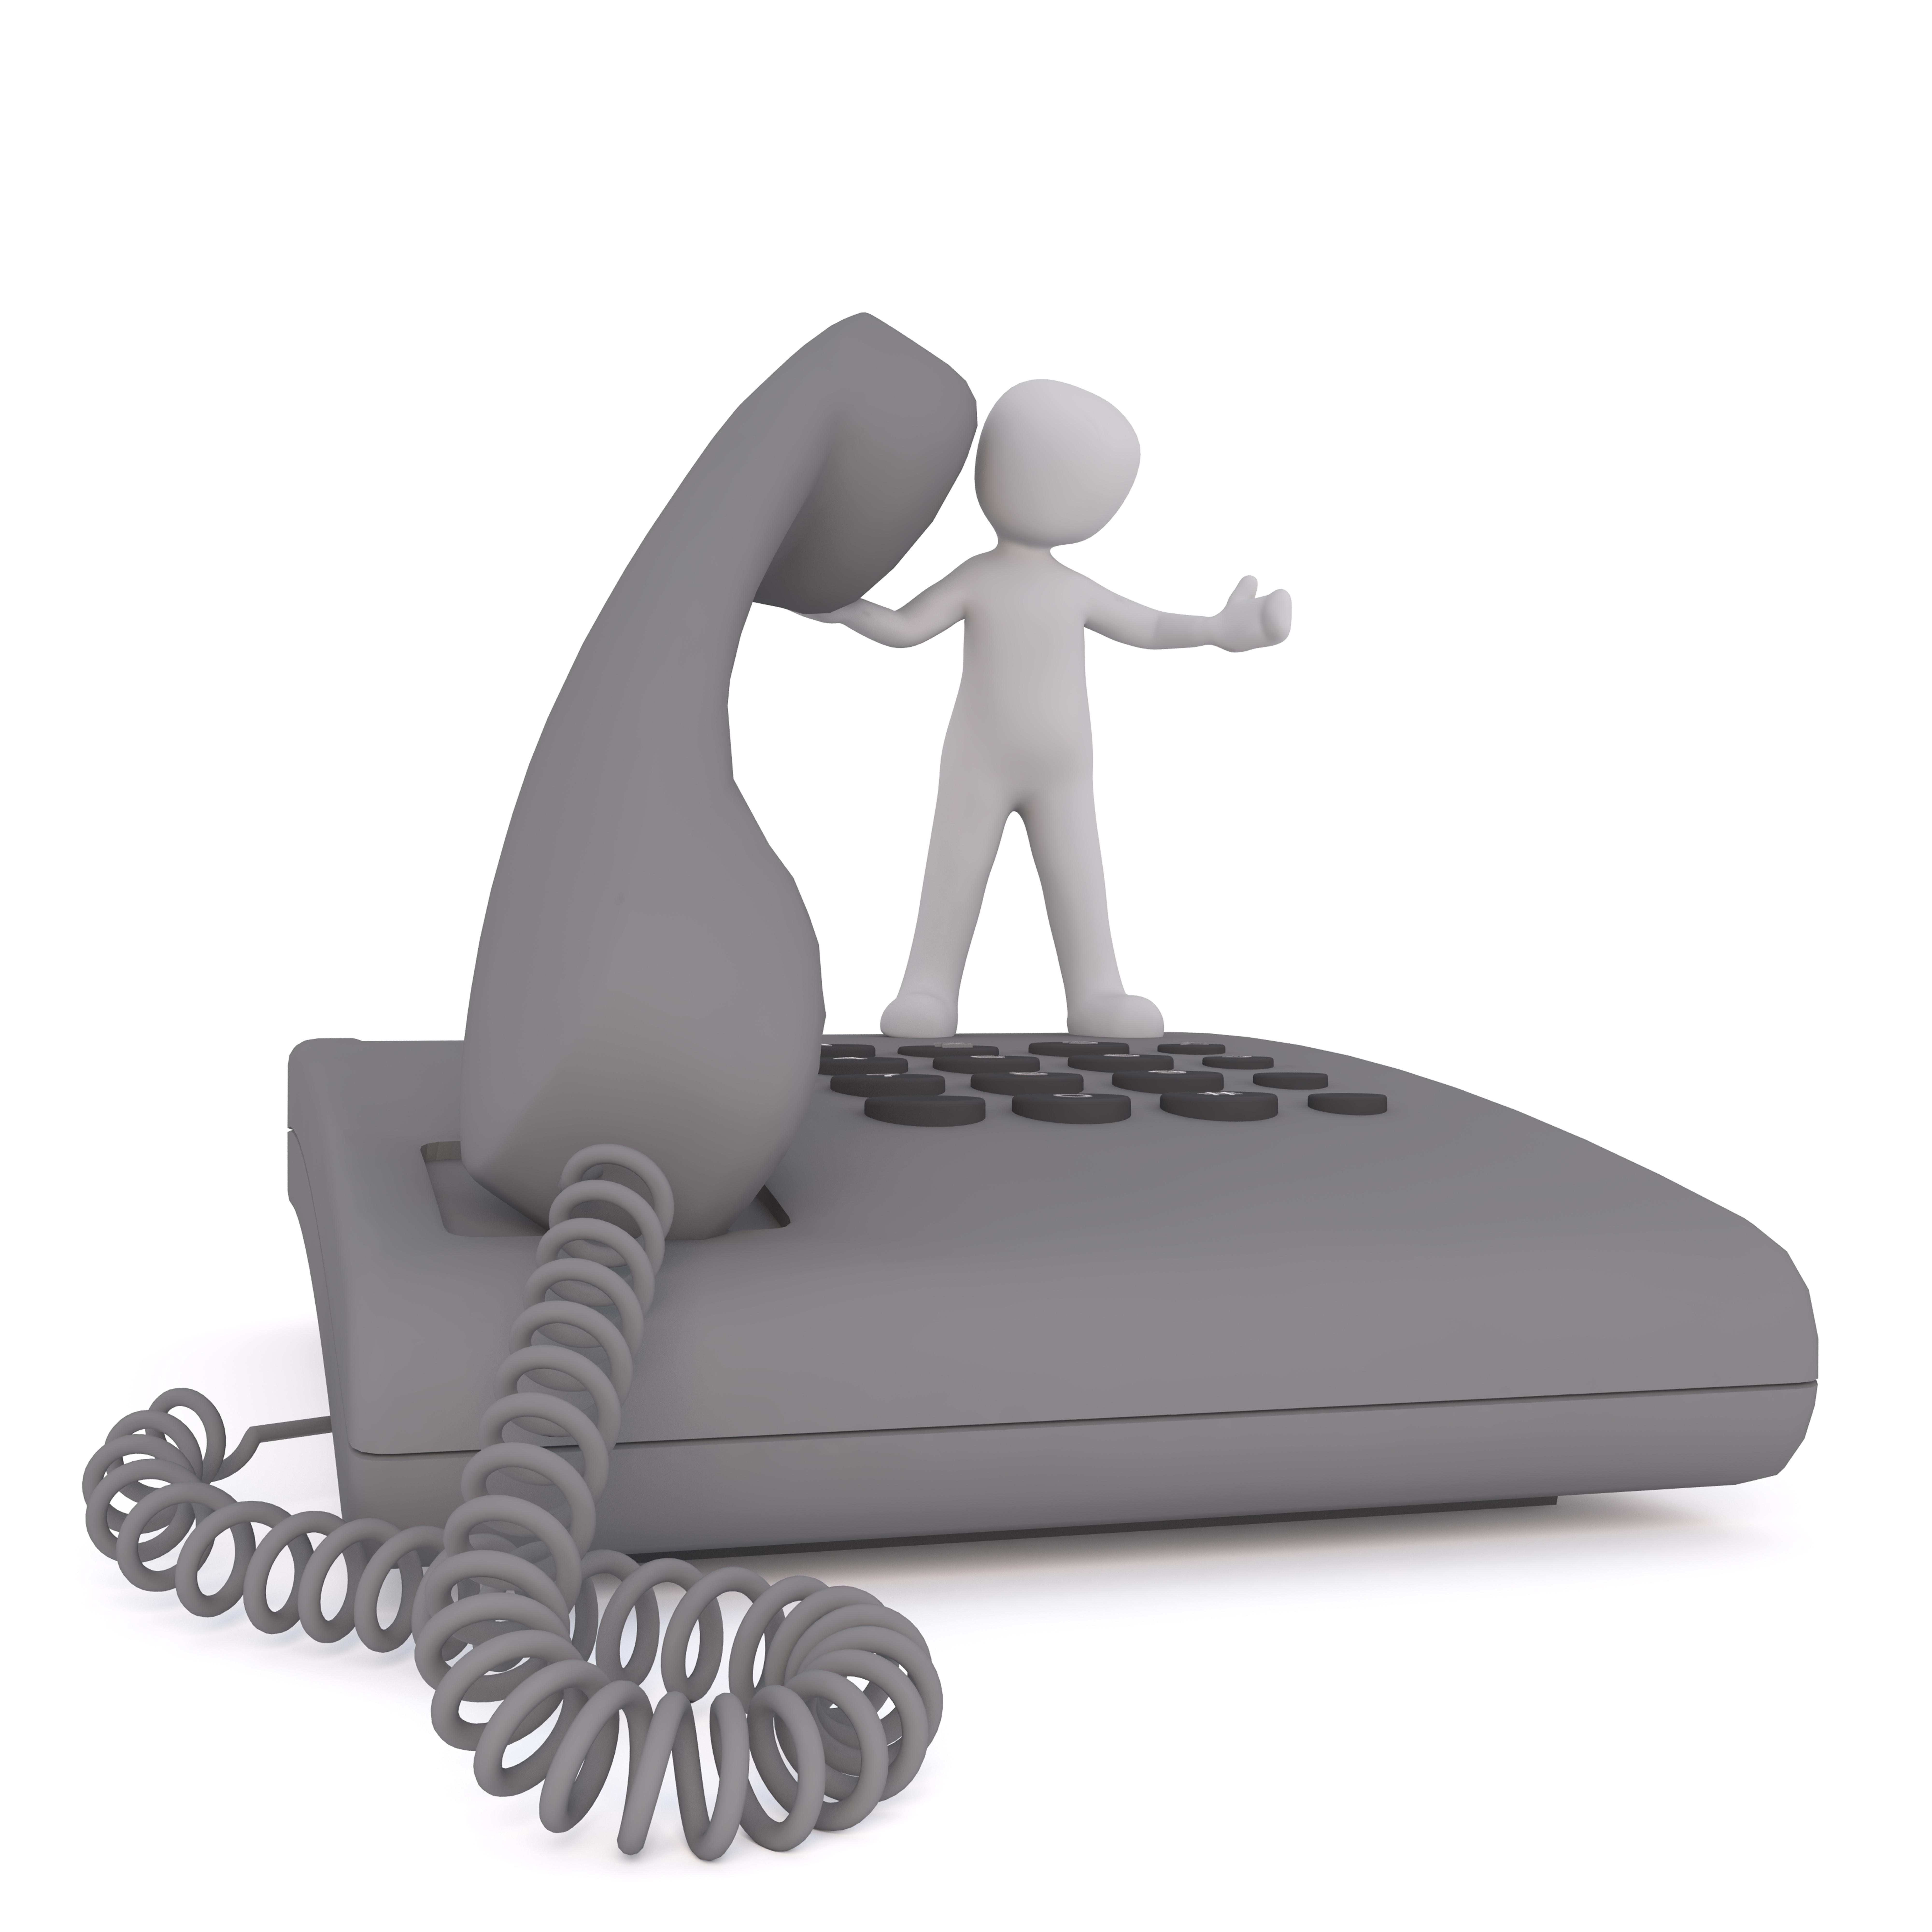 Tidssvarende Gratis billeder : isolerede, telefon, produkt, skulptur, figur KT-09